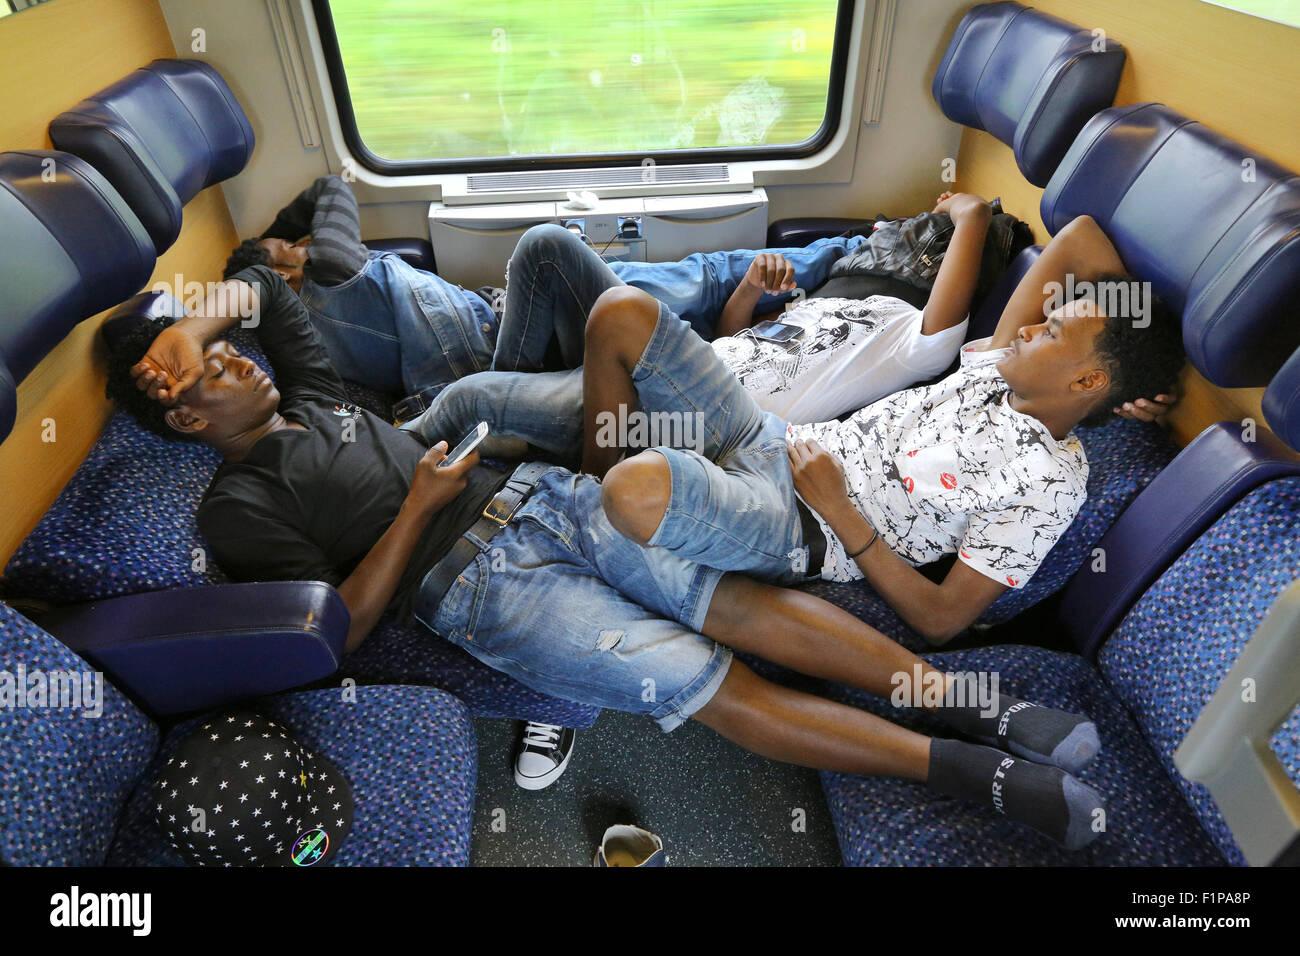 Eurocity Stock Photos & Eurocity Stock Images - Alamy